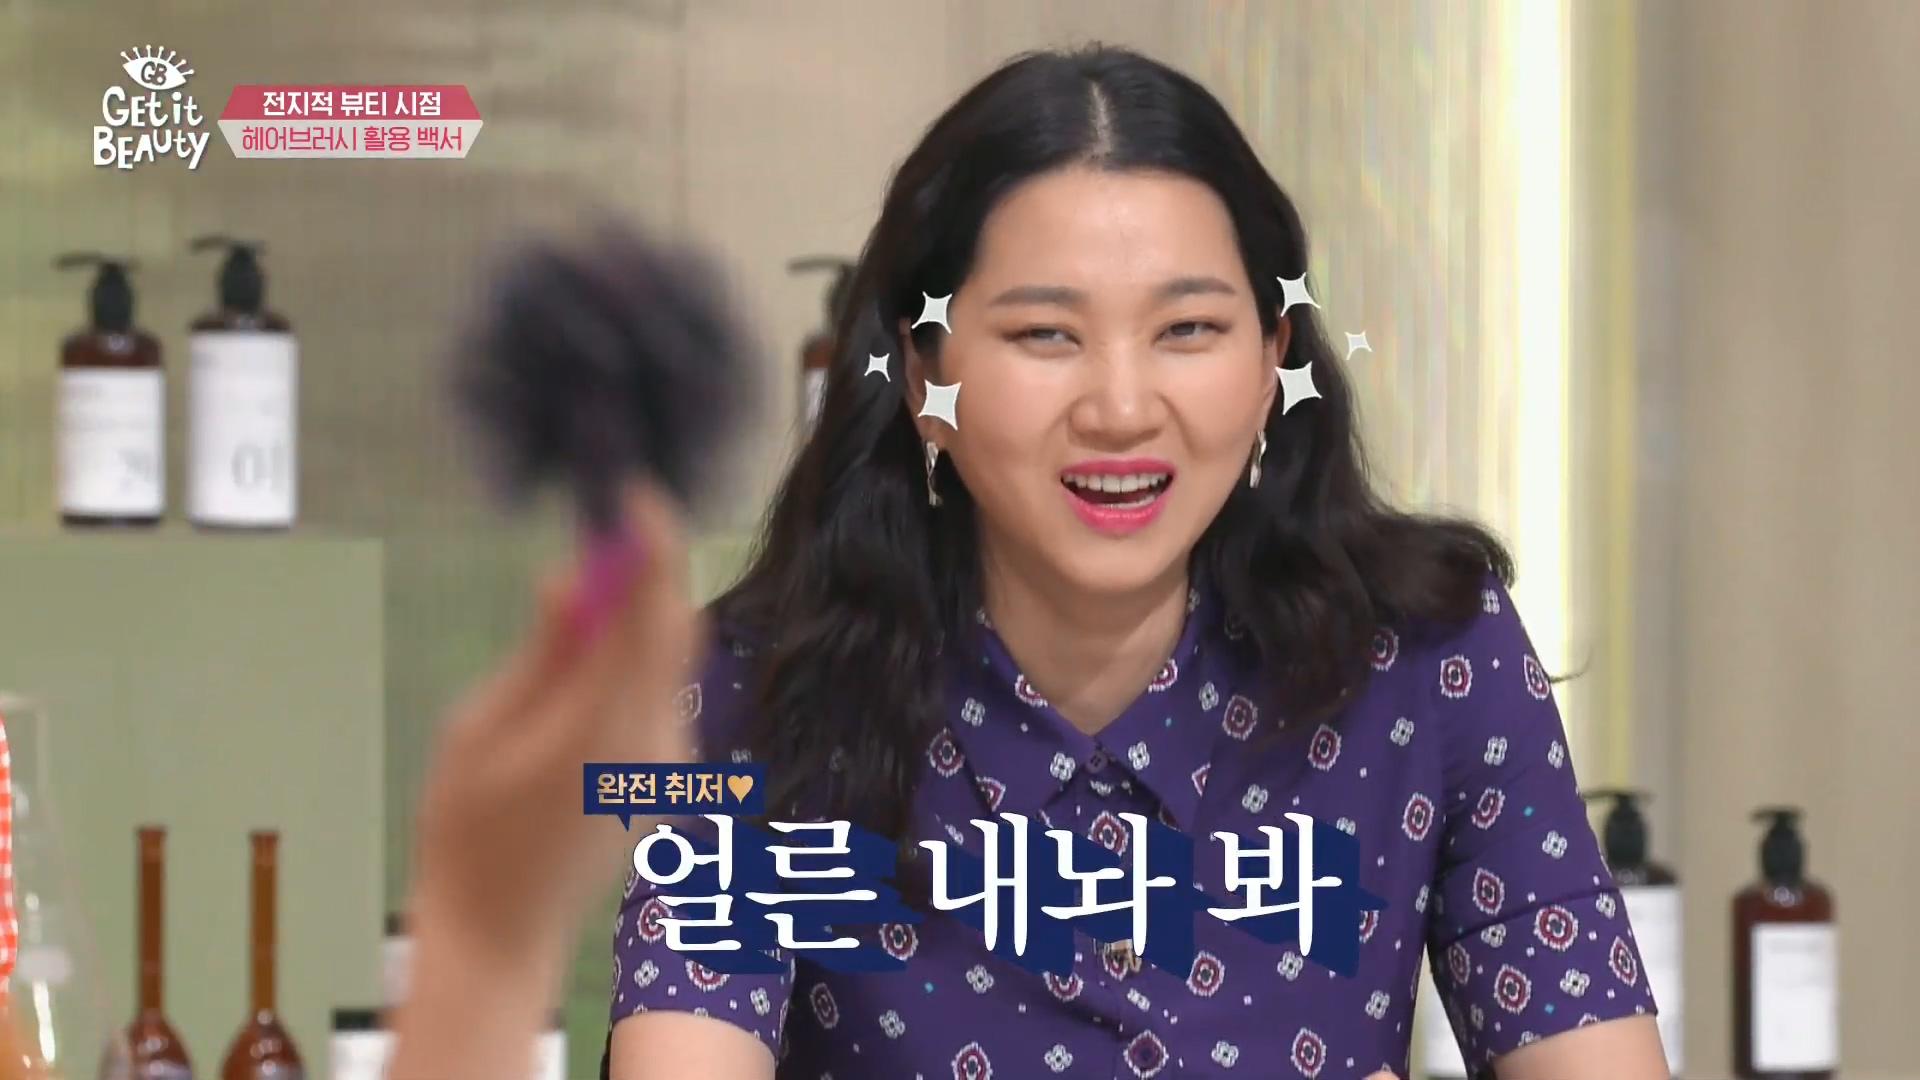 윤기 자르르~한 머릿결을 위한 뷰라벨 트리트먼트 특집☆